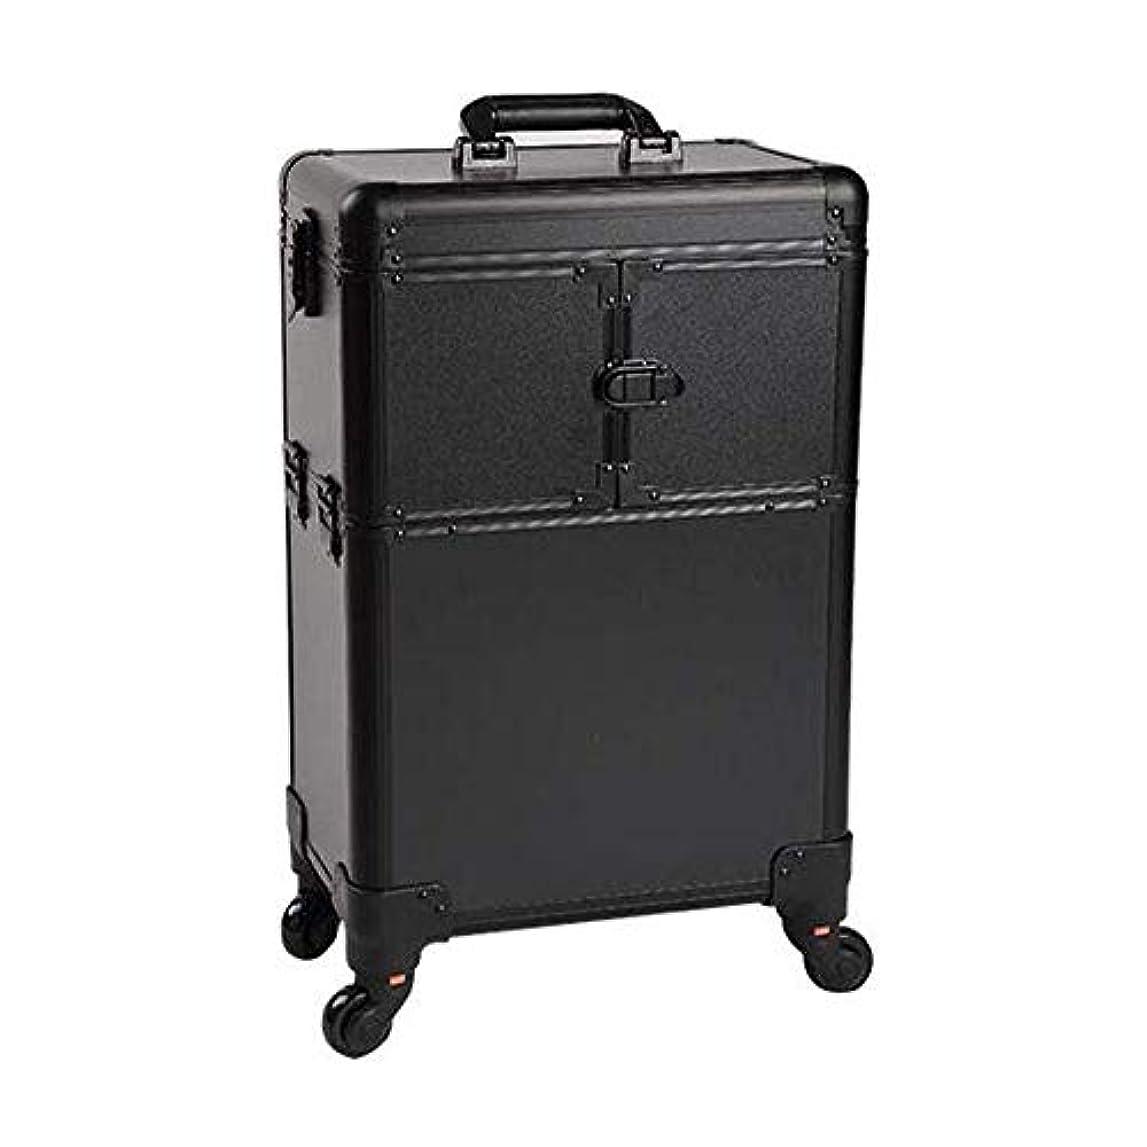 結婚延ばす裏切りYWAWJ トロリーアルミ合金メイクボックスツールボックスを使用した高ローリングリムーバブル主催トロリー特大トレインケースビッグメイクケースピンク容量ユニバーサルホイールタトゥー (Color : Black)